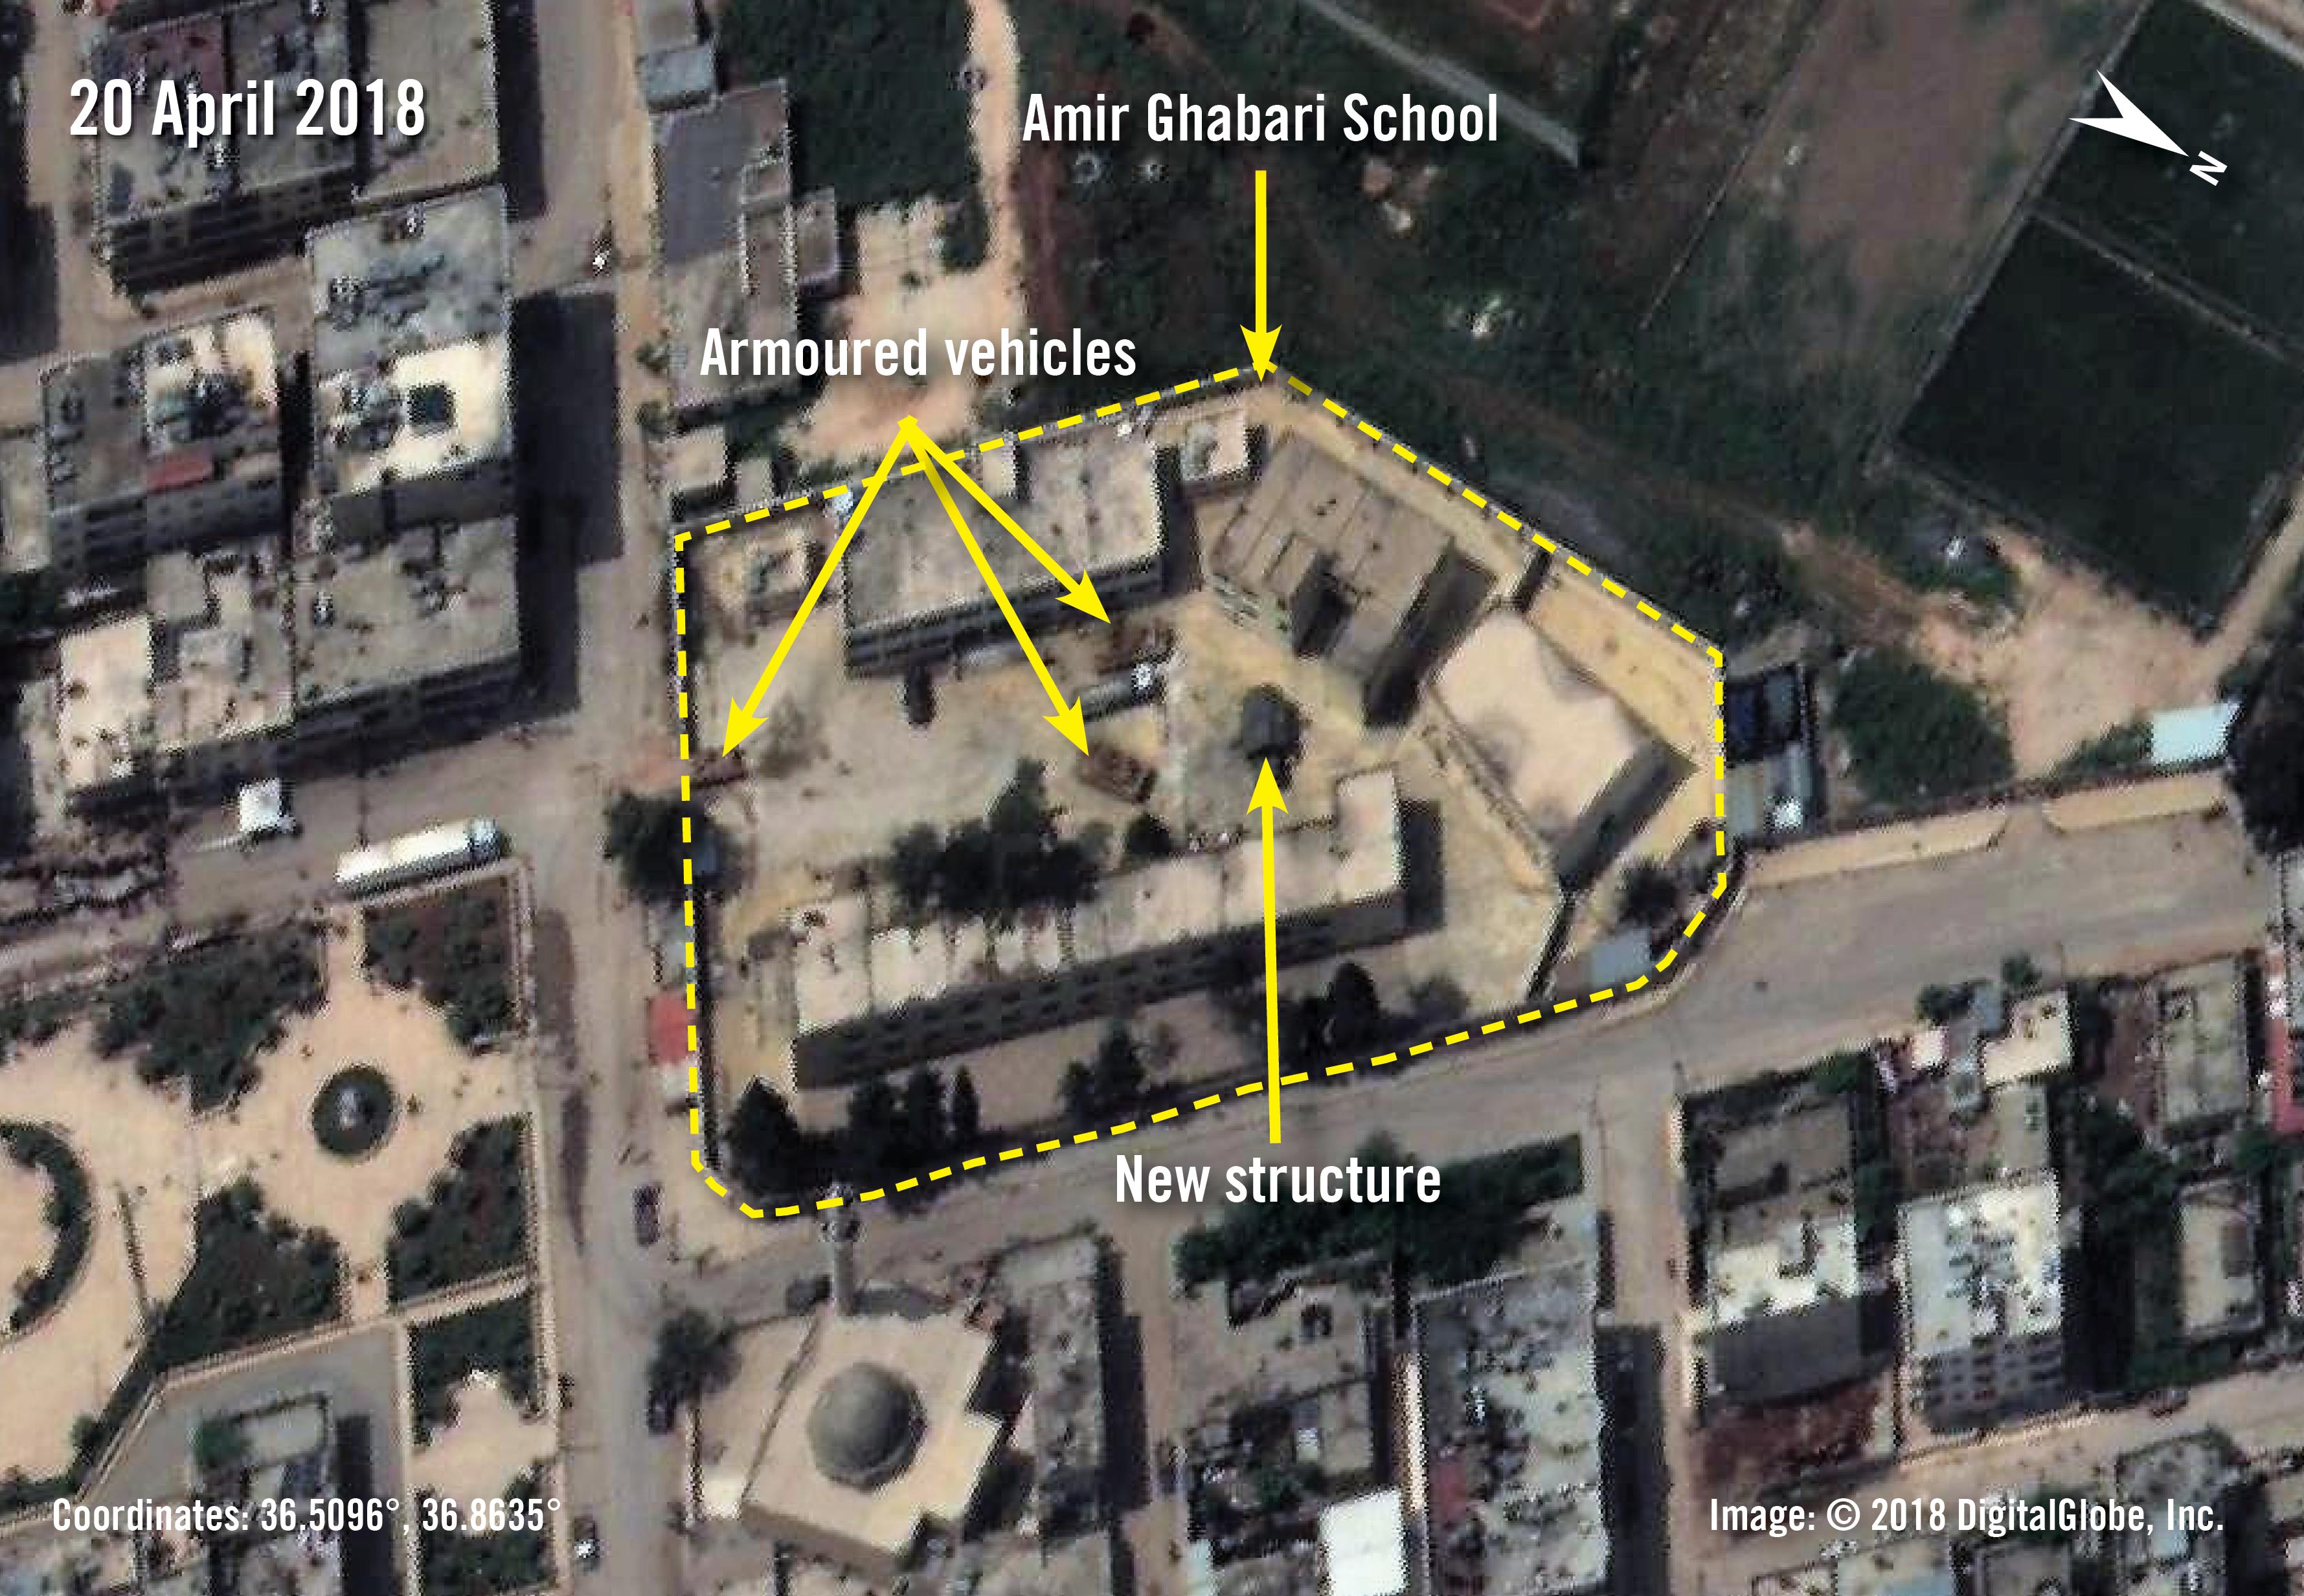 Satellitenbild der Amir Ghabari-Schule in Afrin, die laut ehemaligen Lehrer*innen den türkischen Truppen und verbündeten Milizen als Stützpunkt dient | © 2018 DigitalGlobe, Inc.